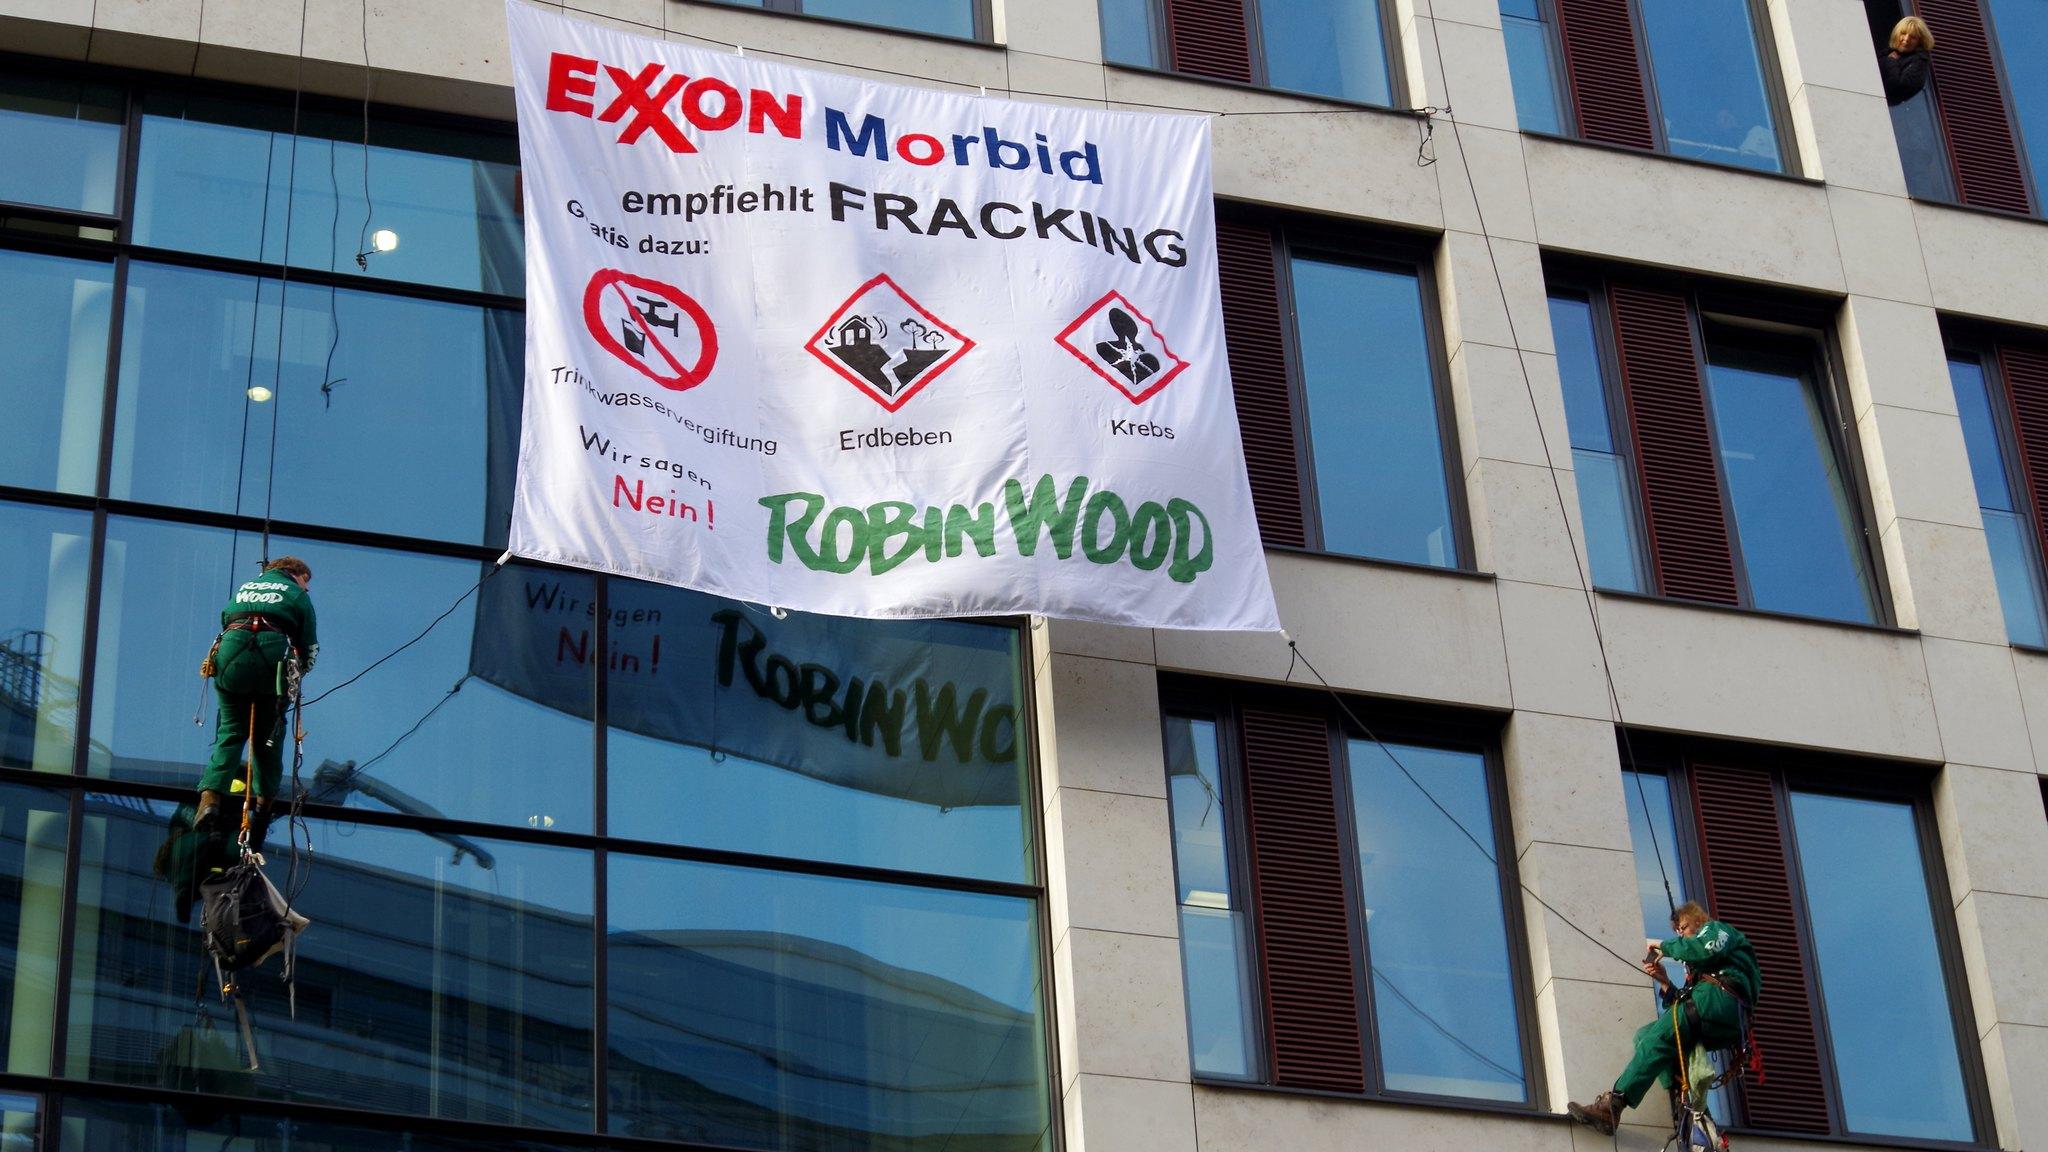 ROBIN WOOD steigt Fracking-Lobby aufs Dach